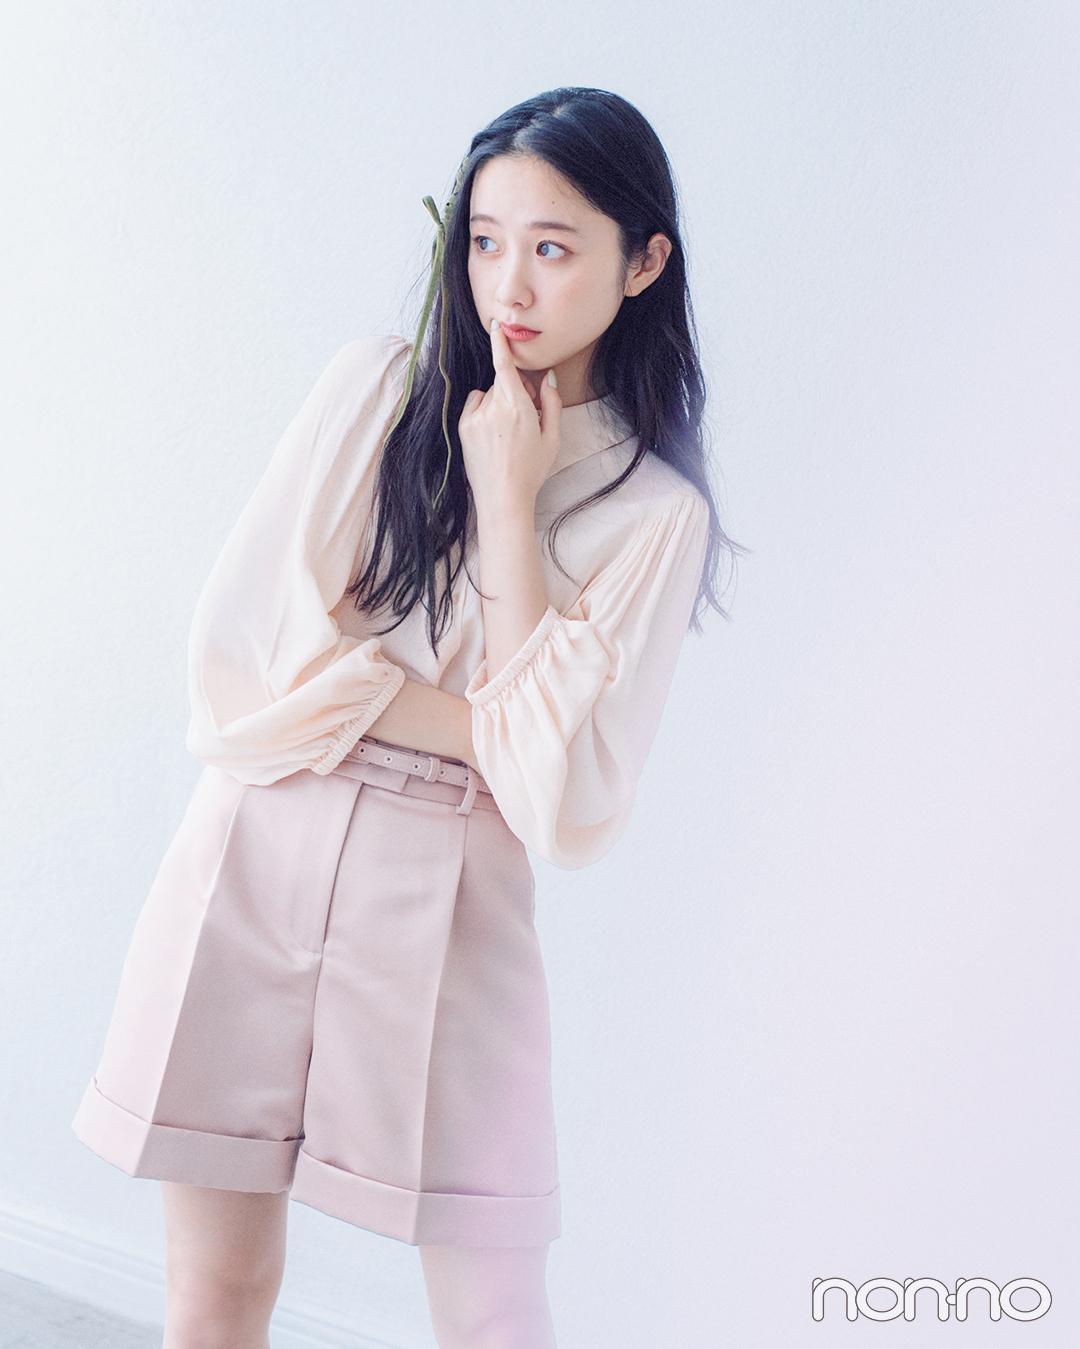 西野七瀬&堀田真由のあいまいカラーコーデ、暖色系はこう着る!_1_7